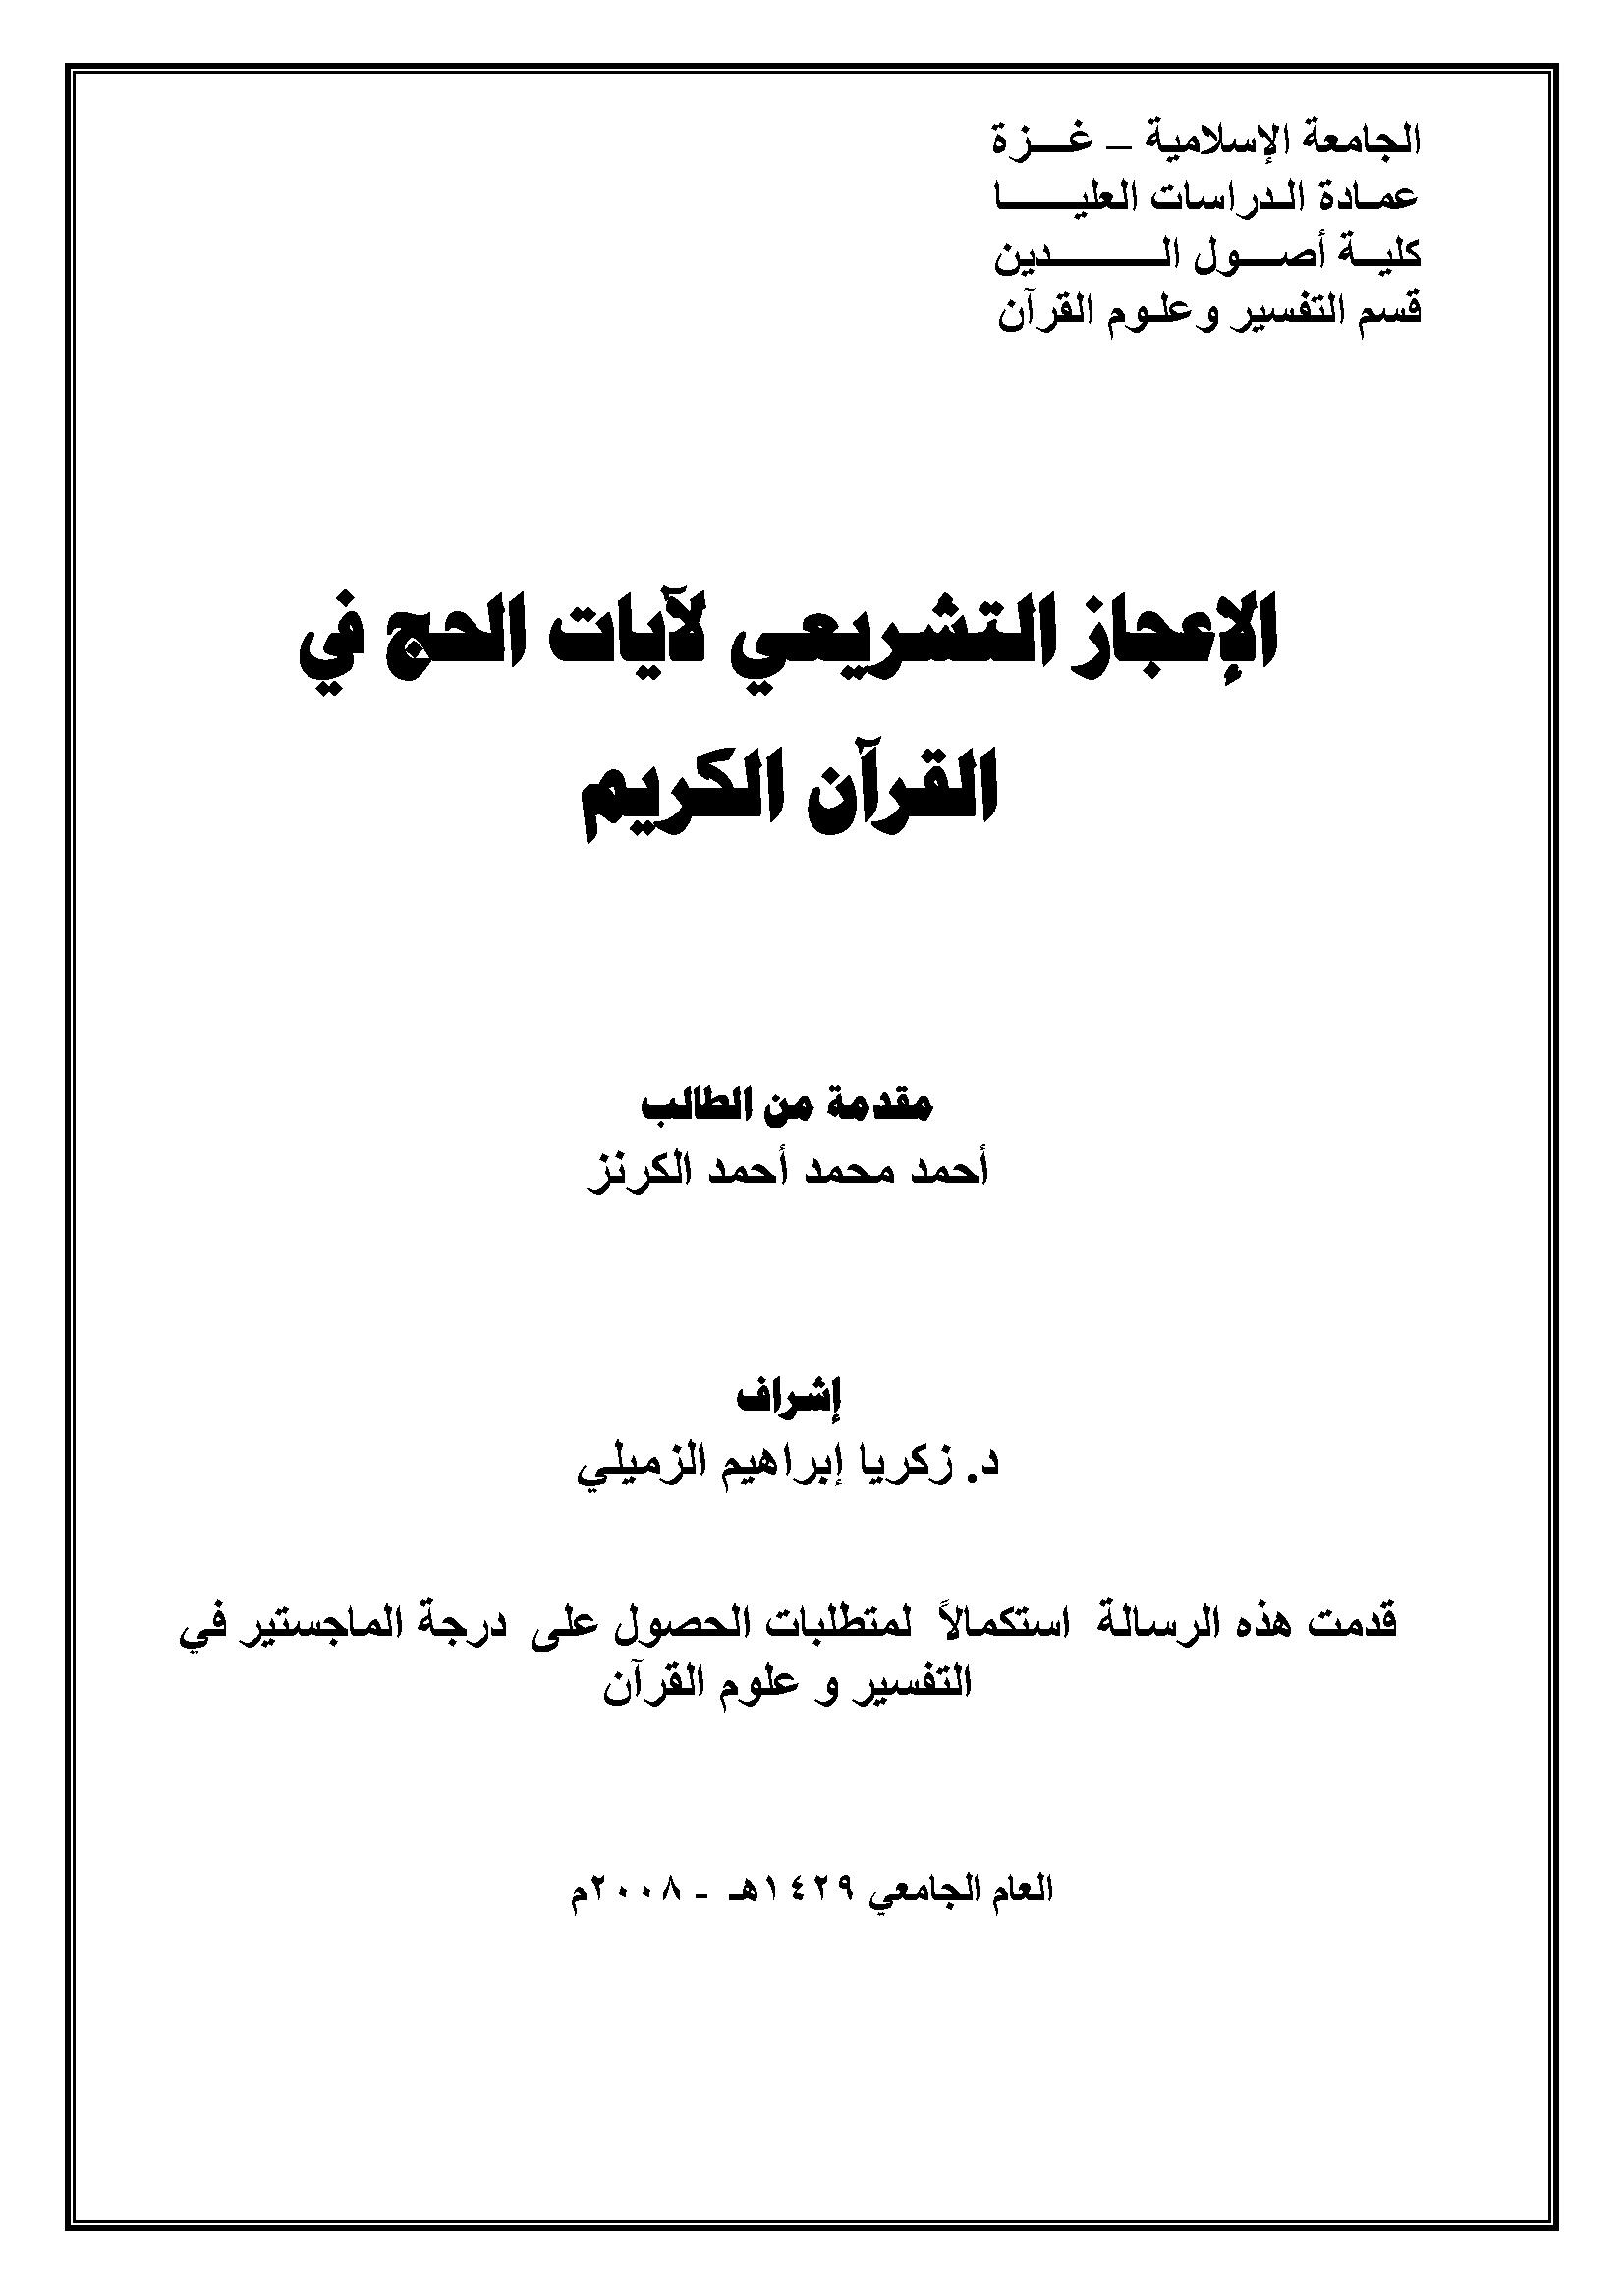 تحميل كتاب الإعجاز التشريعي لآيات الحج في القرآن الكريم لـِ: أحمد محمد أحمد الكرنز